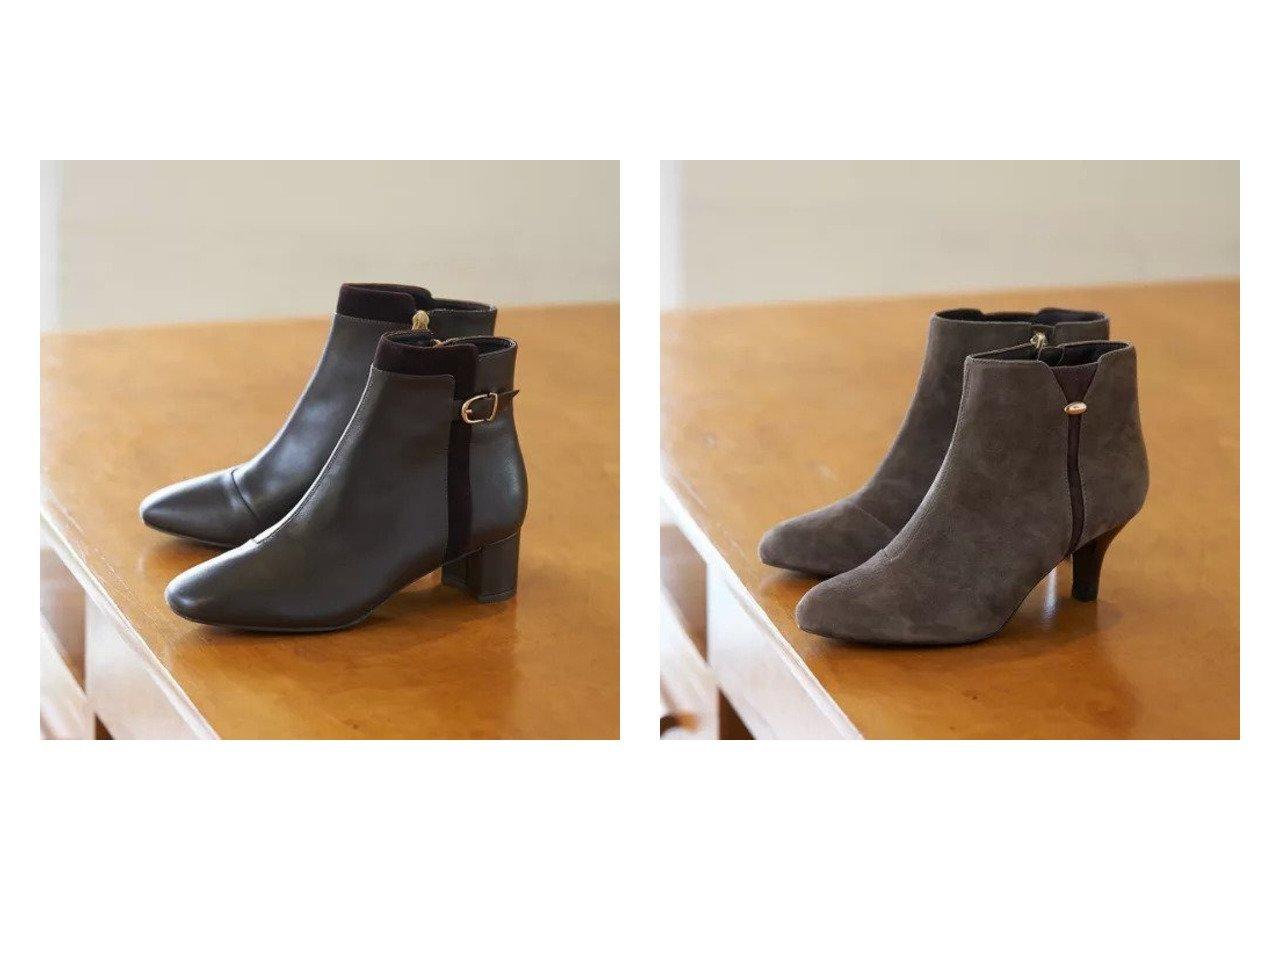 【Piche Abahouse/ピシェ アバハウス】のfluffy fit 4.5cmスクエアショートブーツ&fluffy fit 金具付きラインショートブーツ シューズ・靴のおすすめ!人気、トレンド・レディースファッションの通販  おすすめで人気の流行・トレンド、ファッションの通販商品 メンズファッション・キッズファッション・インテリア・家具・レディースファッション・服の通販 founy(ファニー) https://founy.com/ ファッション Fashion レディースファッション WOMEN インソール クッション シューズ ショート スマート 人気 ベーシック ミドル A/W 秋冬 AW Autumn/Winter / FW Fall-Winter |ID:crp329100000010843